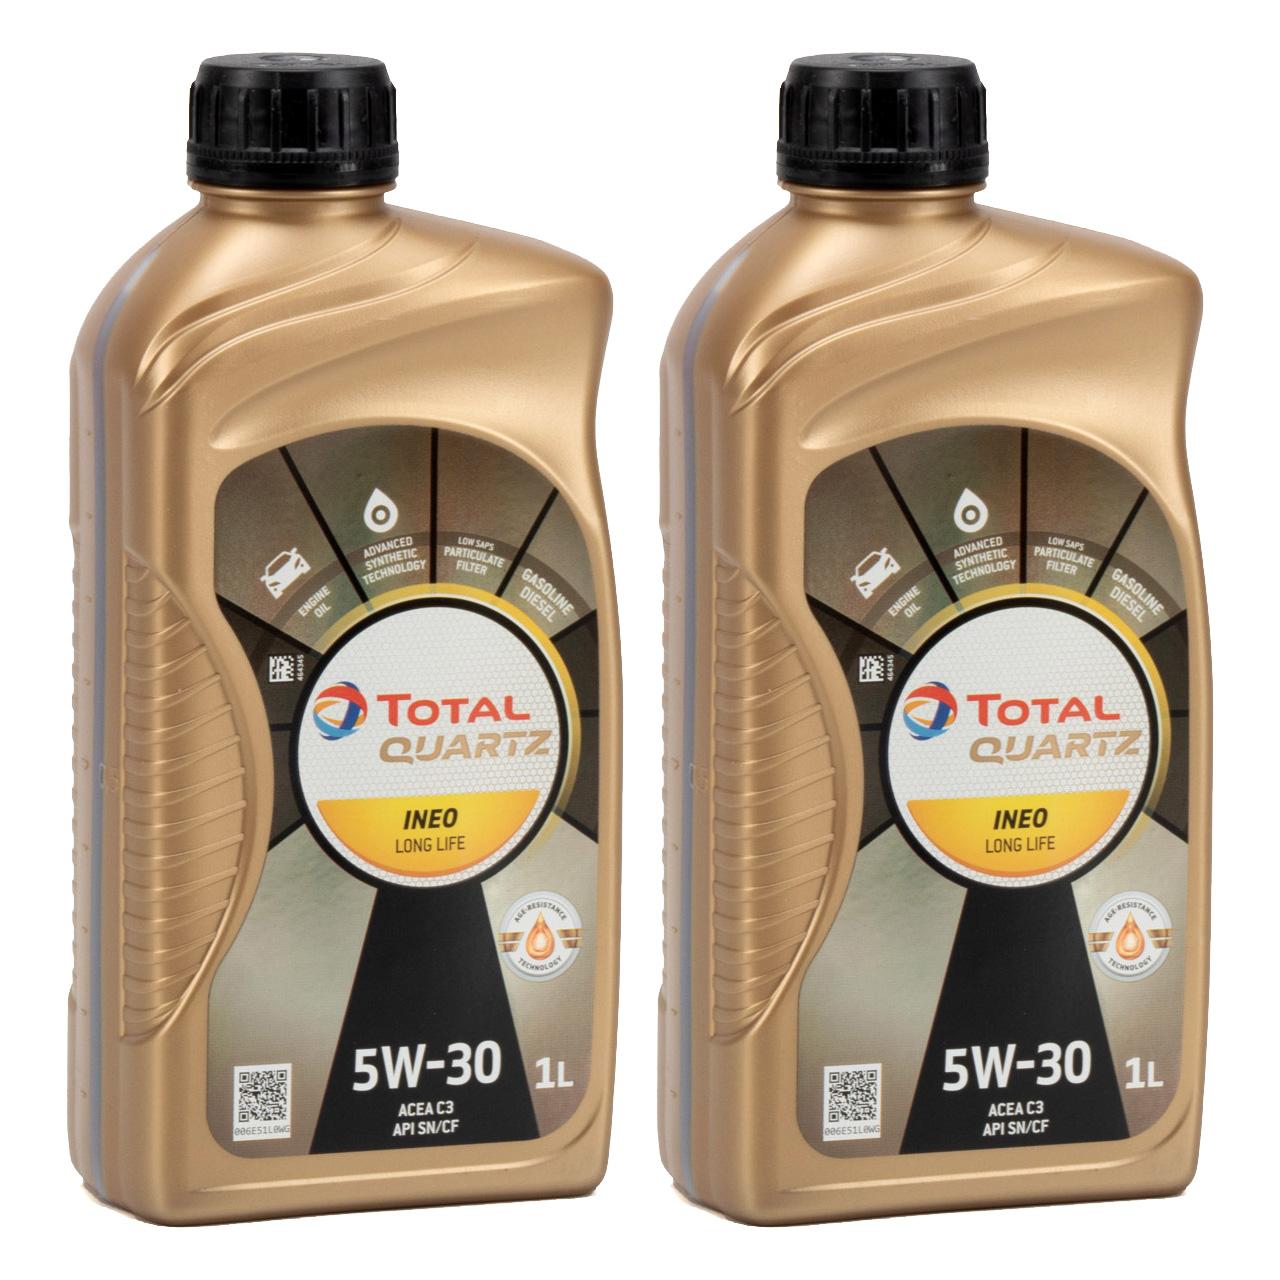 TOTAL QUARTZ INEO LONGLIFE 5W30 Motoröl Öl VW 504/507.00 MB 229.51 - 2L 2 Liter